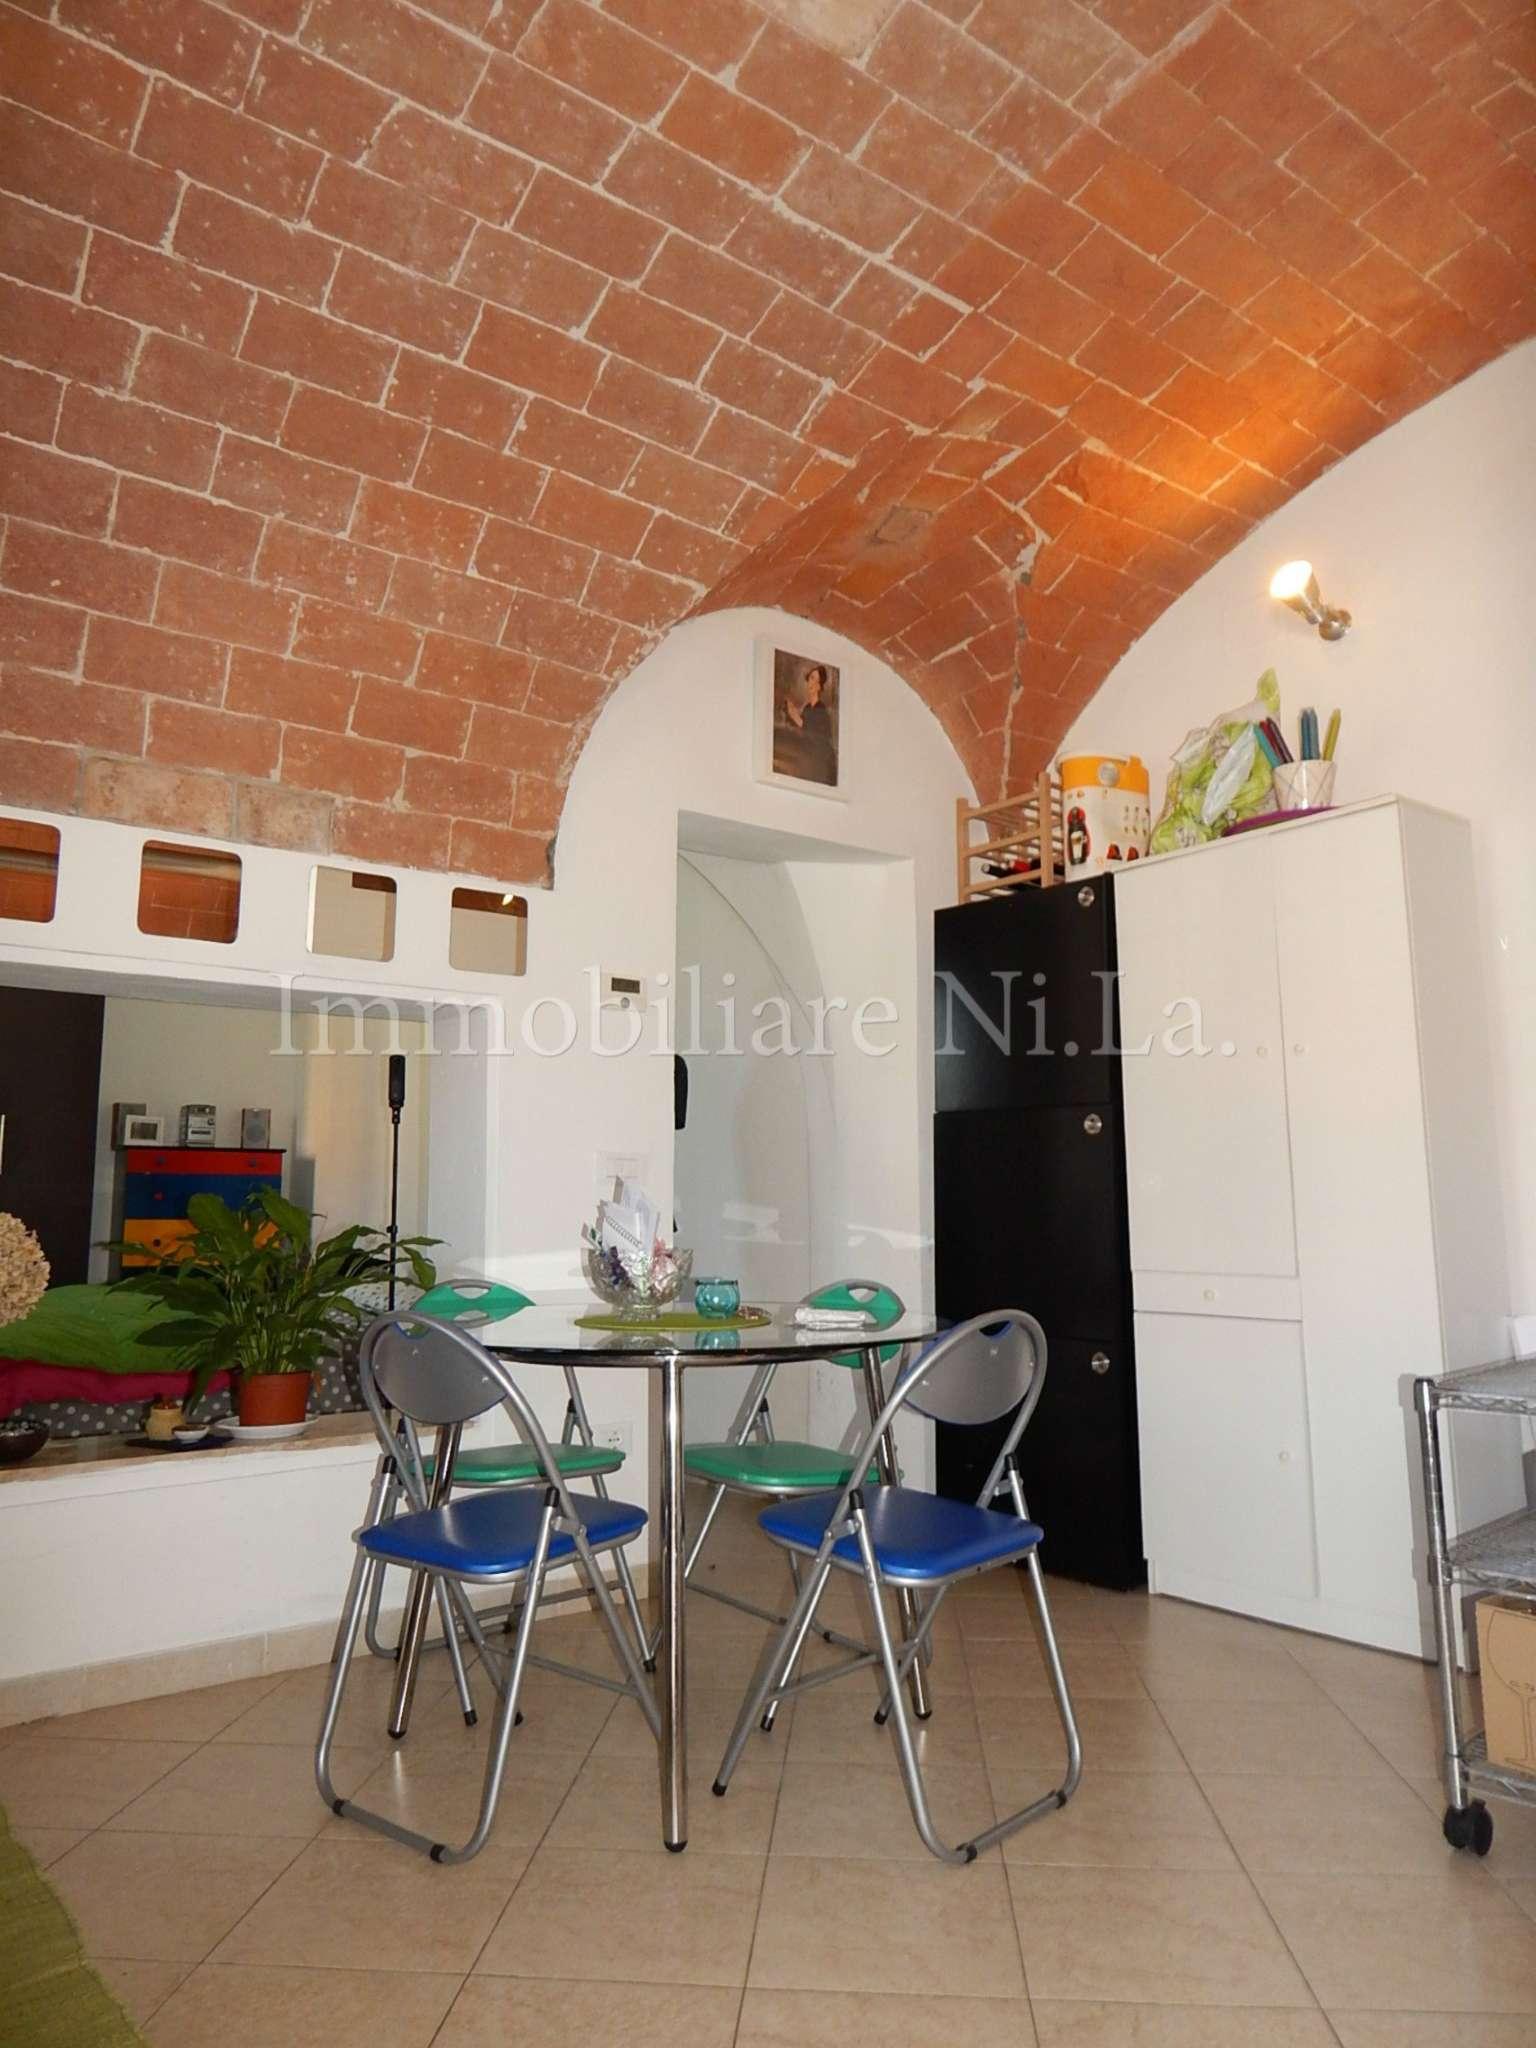 Soluzione Indipendente in affitto a Pisa, 2 locali, prezzo € 550 | CambioCasa.it